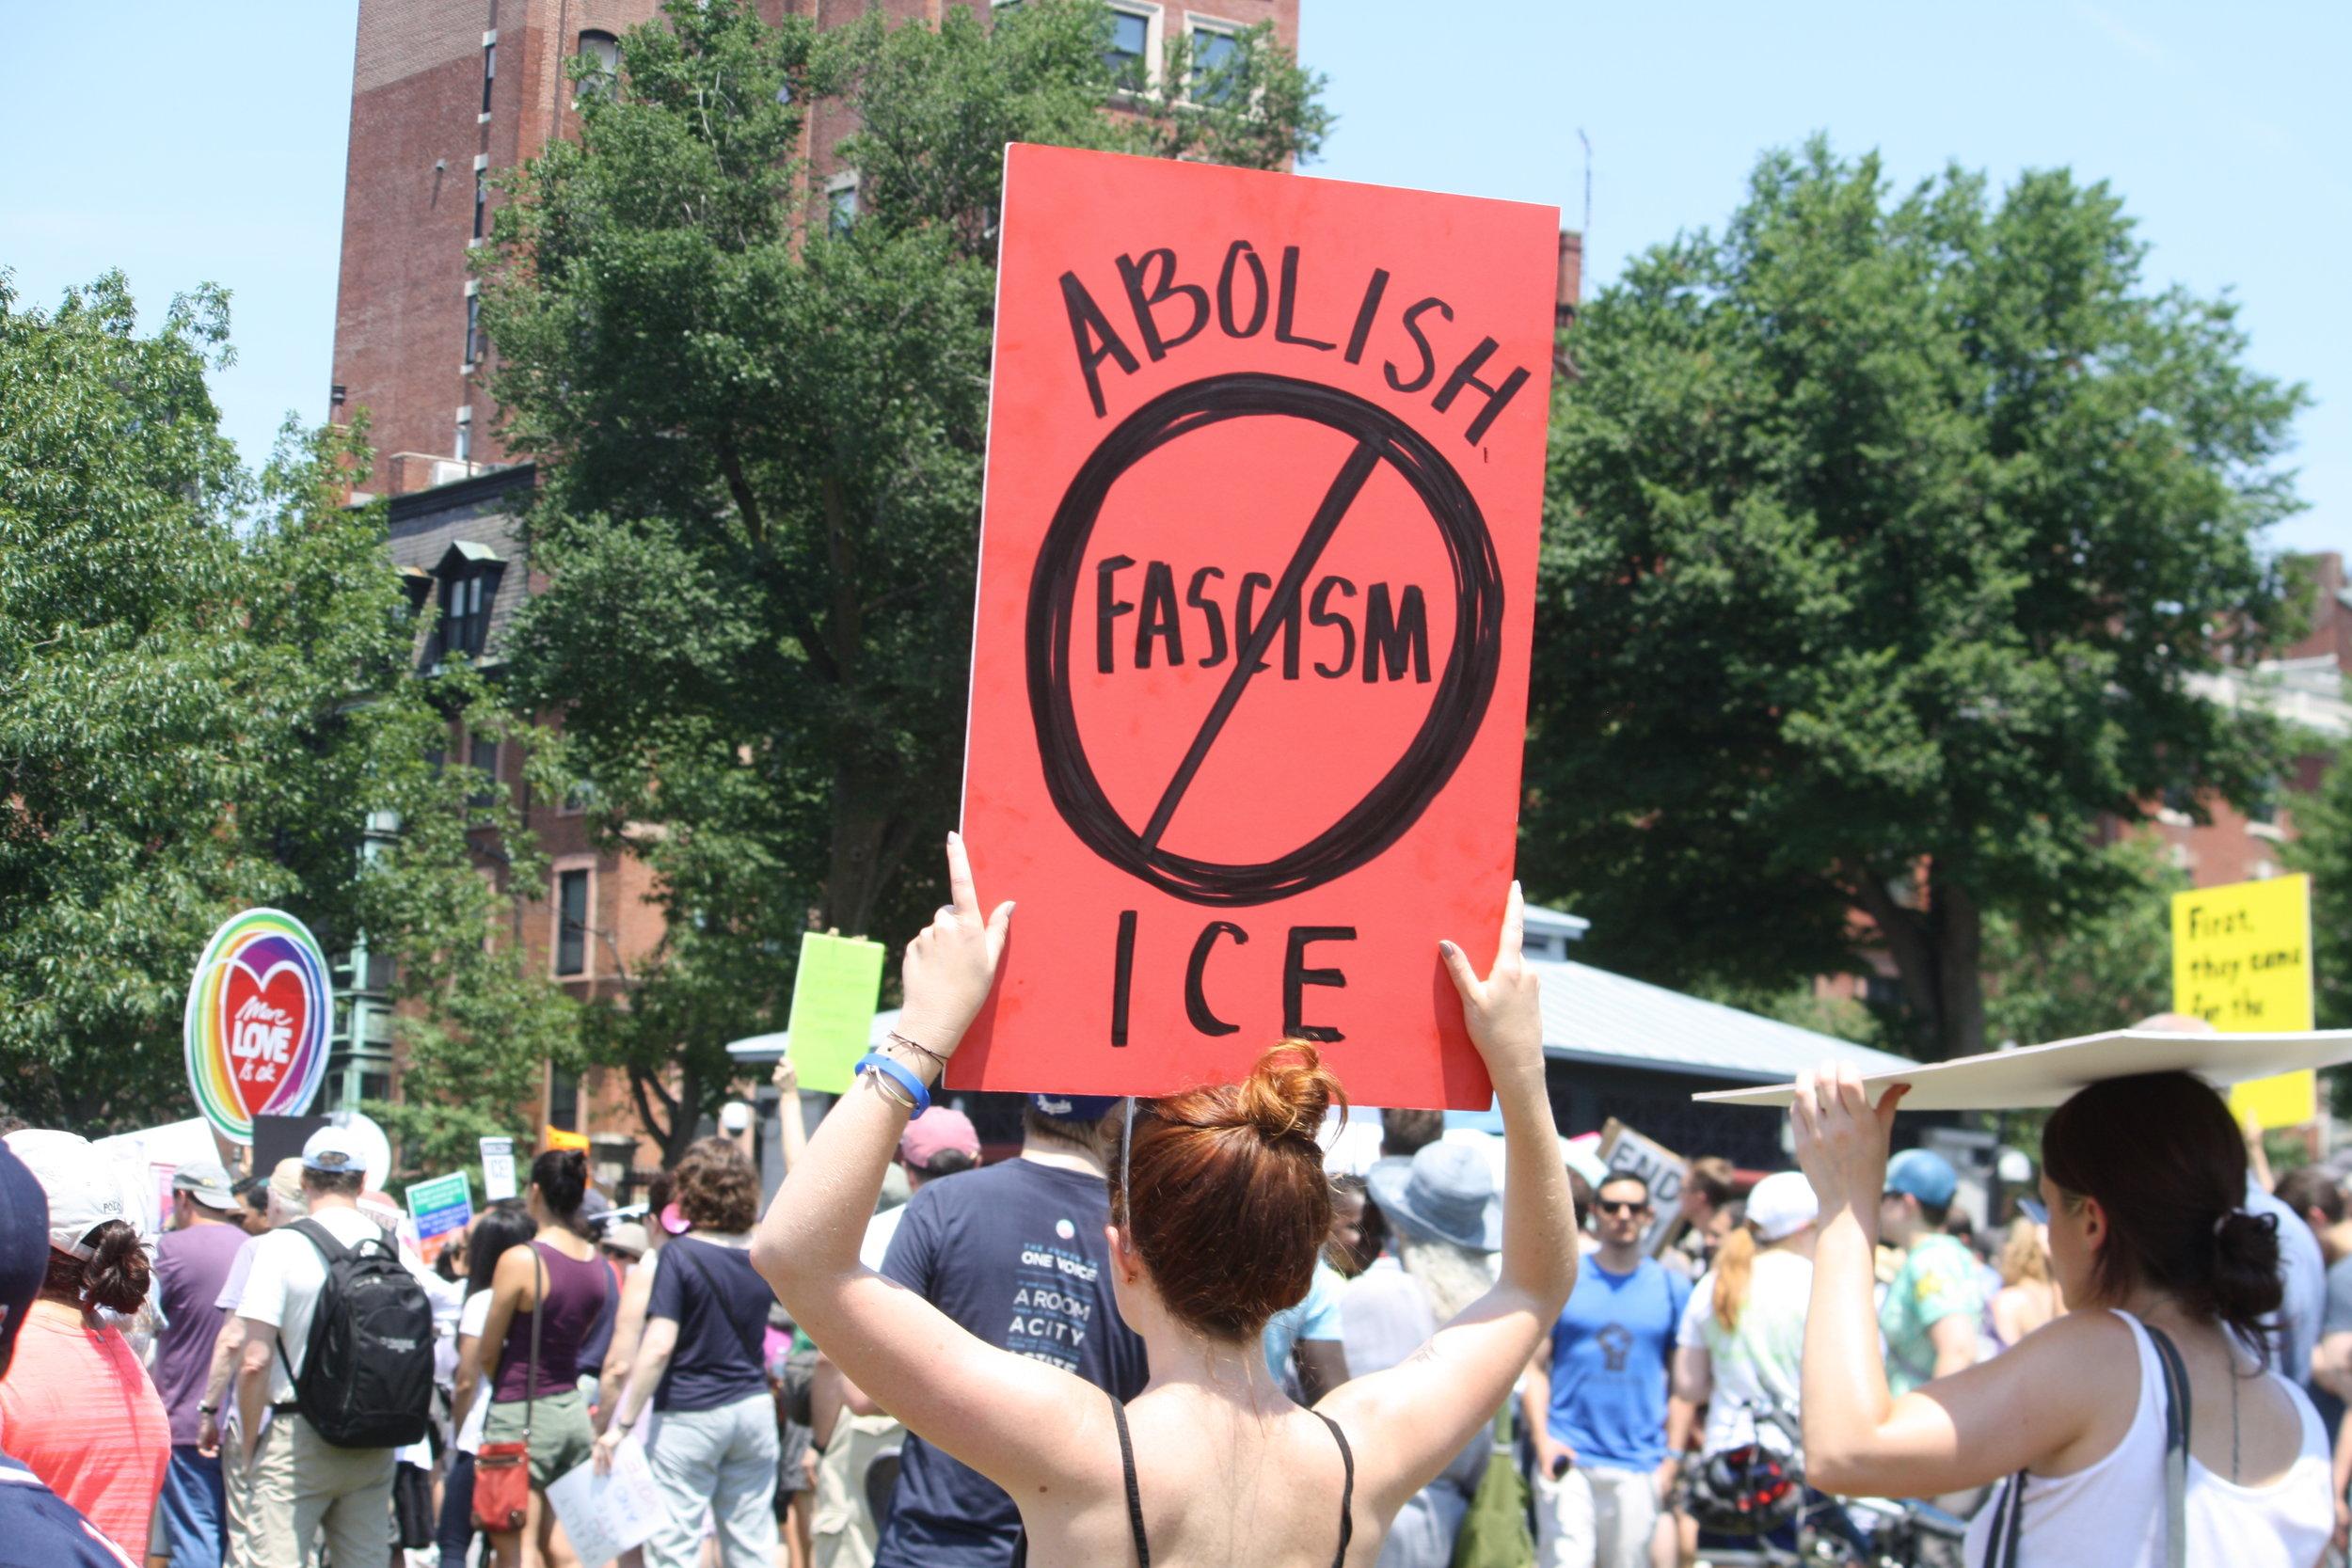 Abolish ICE - Boston, MA. 2018.